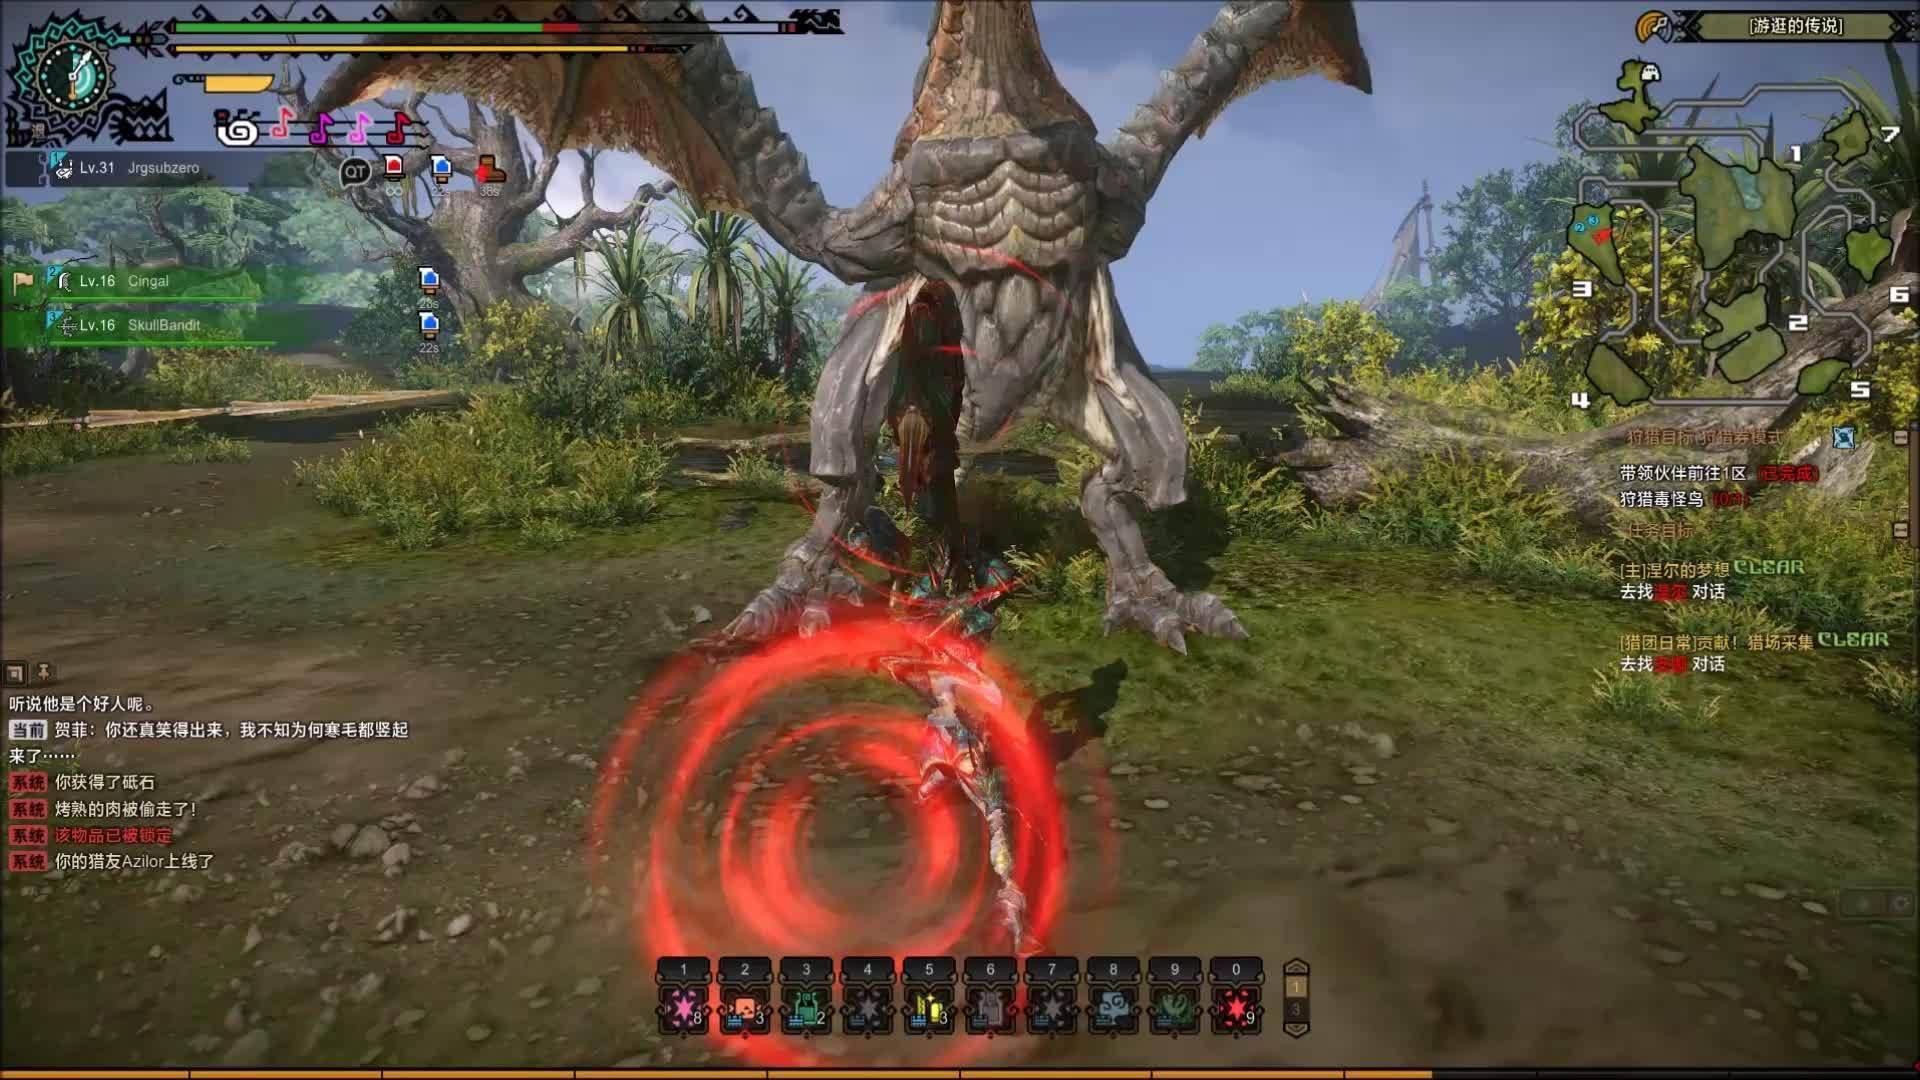 gaming, monster hunter online, monsterhunter, Monster hunter online hitbox GIFs